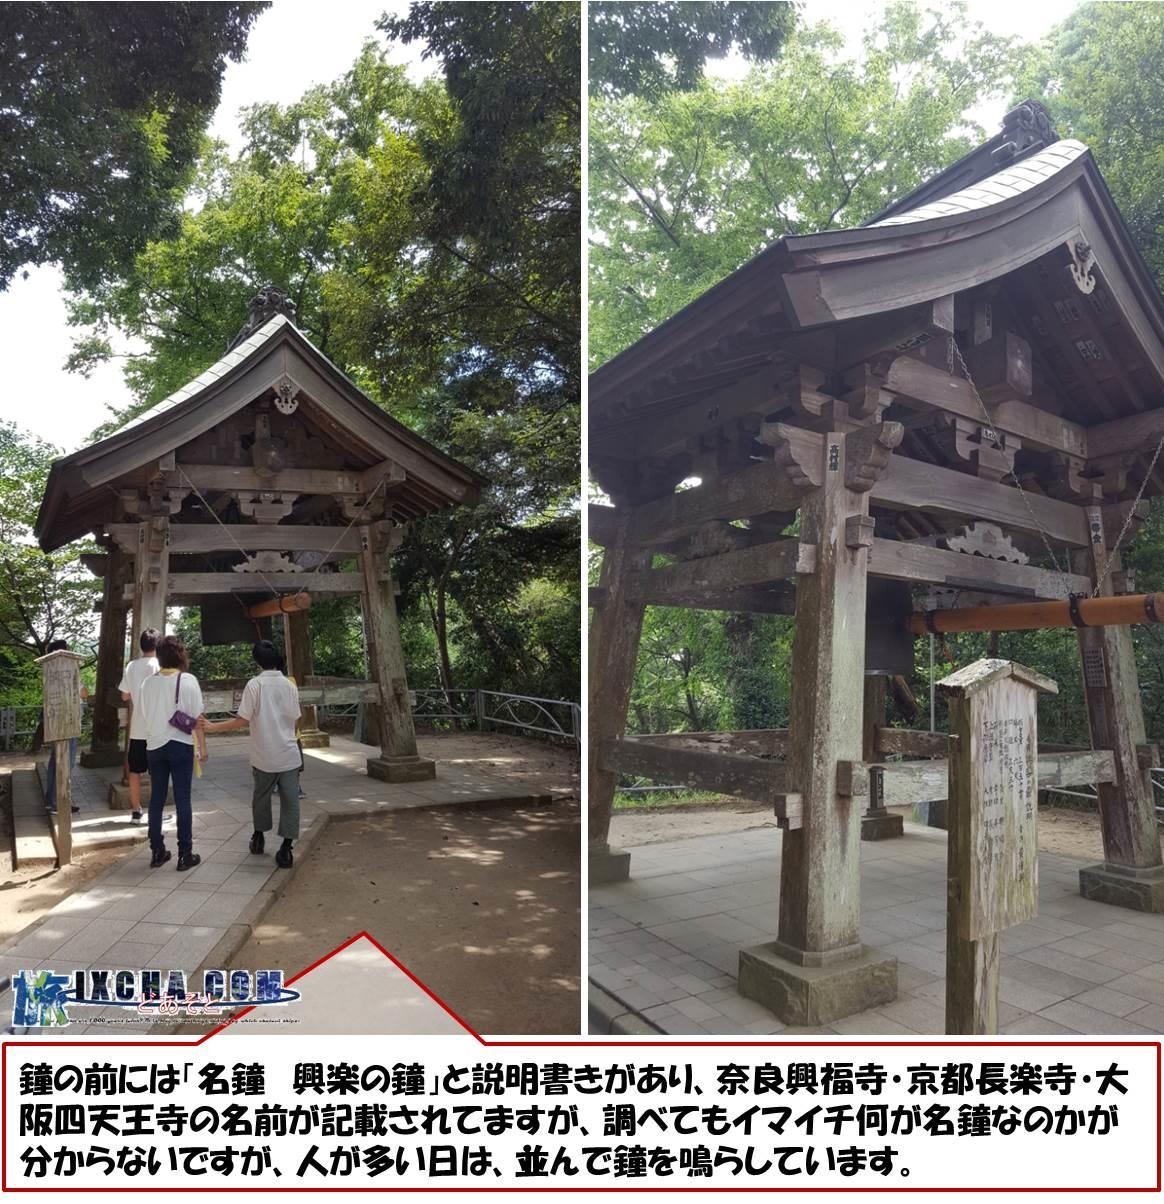 鐘の前には「名鐘 興楽の鐘」と説明書きがあり、奈良興福寺・京都長楽寺・大阪四天王寺の名前が記載されてますが、調べてもイマイチ何が名鐘なのかが分からないですが、人が多い日は、並んで鐘を鳴らしています。